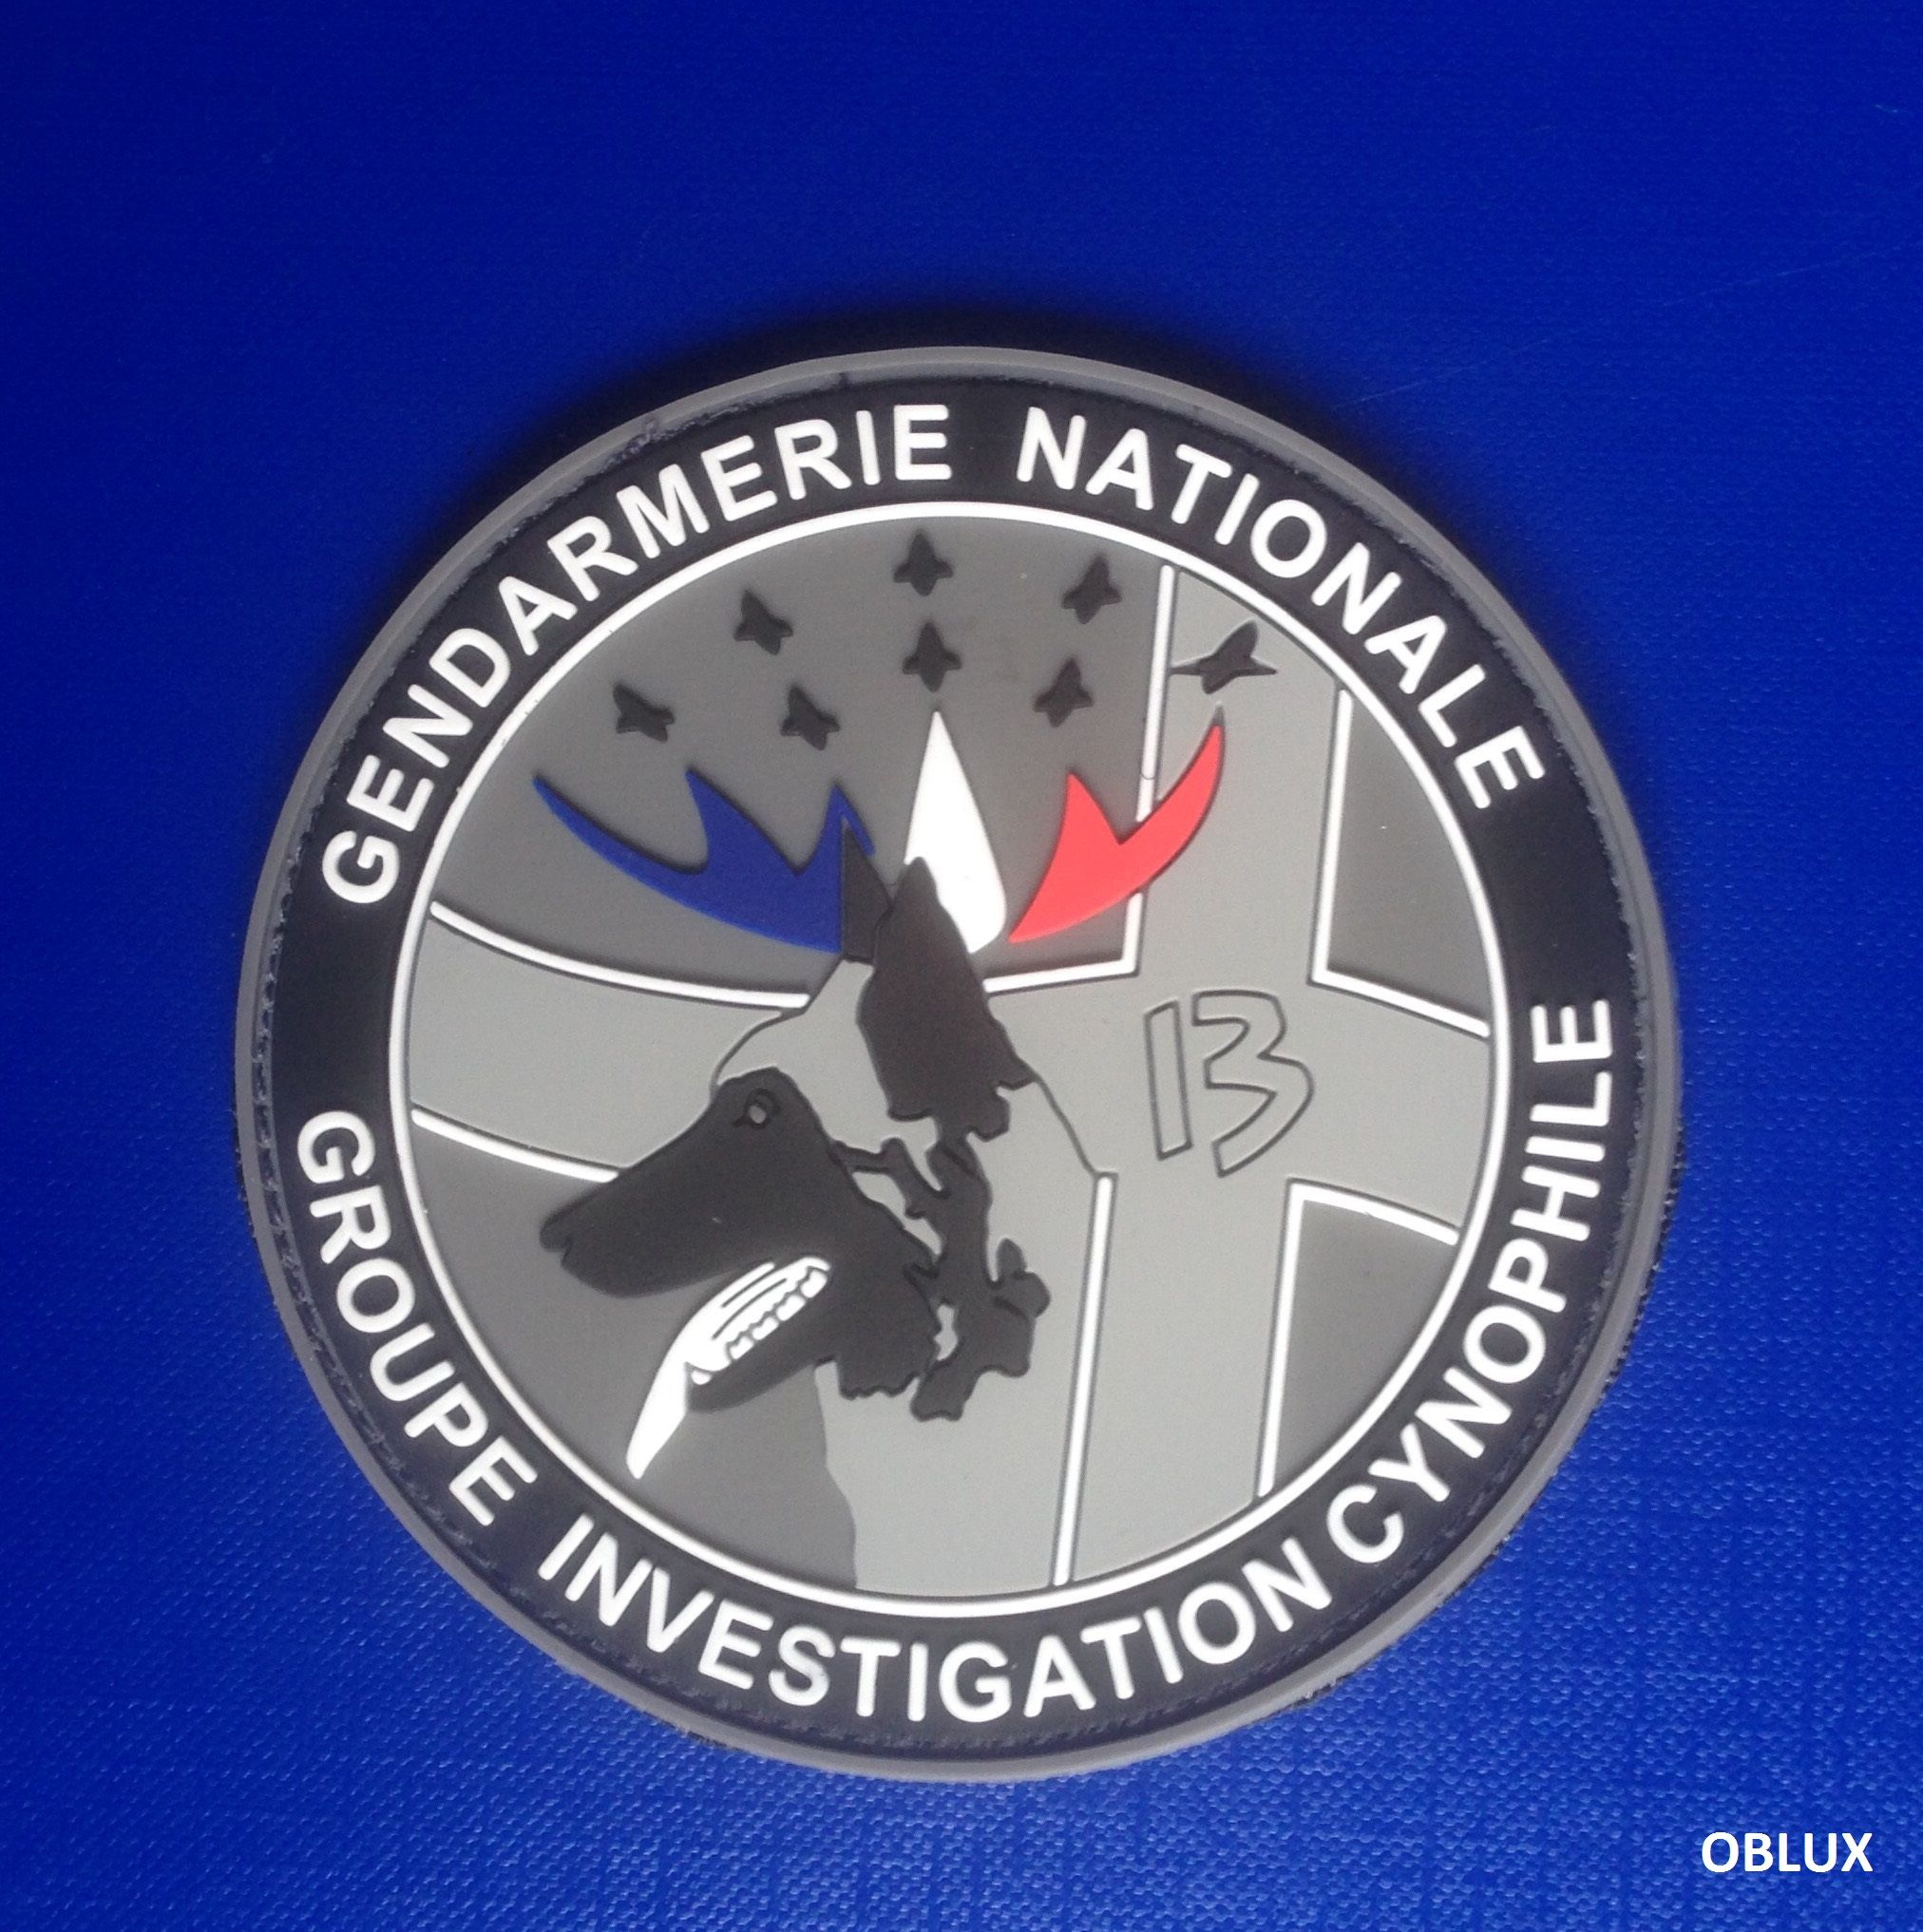 Ecusson pvc gic 13 salon de provence ecussons pinterest ecusson pvc et provence - Gendarmerie salon de provence ...